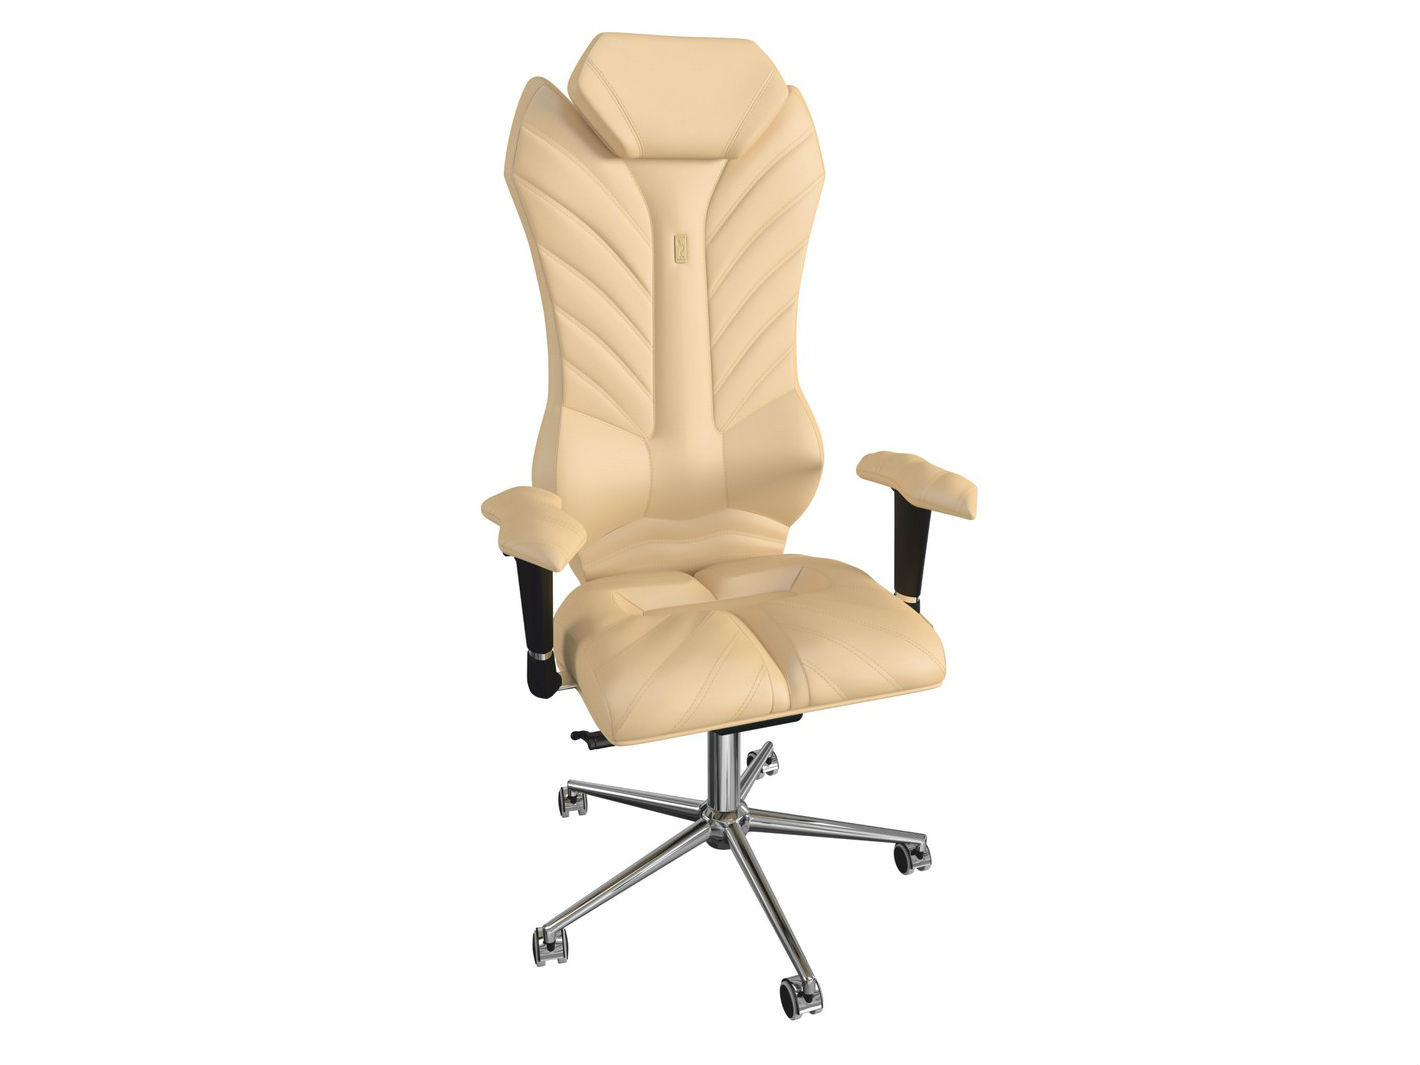 Кресло MONARCHРабочие кресла<br>Отличное решение для тех, кто ценит комфорт и любит свободное пространство. Имперское величие и викторианское изящество придают креслу вид аристократизма и благородства.&amp;amp;nbsp;<br>&amp;lt;br&amp;gt;<br>&amp;lt;iframe width=&amp;quot;500&amp;quot; height=&amp;quot;320&amp;quot; src=&amp;quot;https://www.youtube.com/embed/6koG4IB7DW4&amp;quot; frameborder=&amp;quot;0&amp;quot; allowfullscreen&amp;gt;&amp;lt;/iframe&amp;gt;<br>&amp;lt;br&amp;gt;<br>&amp;lt;iframe width=&amp;quot;500&amp;quot; height=&amp;quot;320&amp;quot; src=&amp;quot;https://www.youtube.com/embed/99WAtfUHlt0&amp;quot; frameborder=&amp;quot;0&amp;quot; allowfullscreen&amp;gt;&amp;lt;/iframe&amp;gt;<br><br>Material: Кожа<br>Ширина см: 76<br>Высота см: 147<br>Глубина см: 58